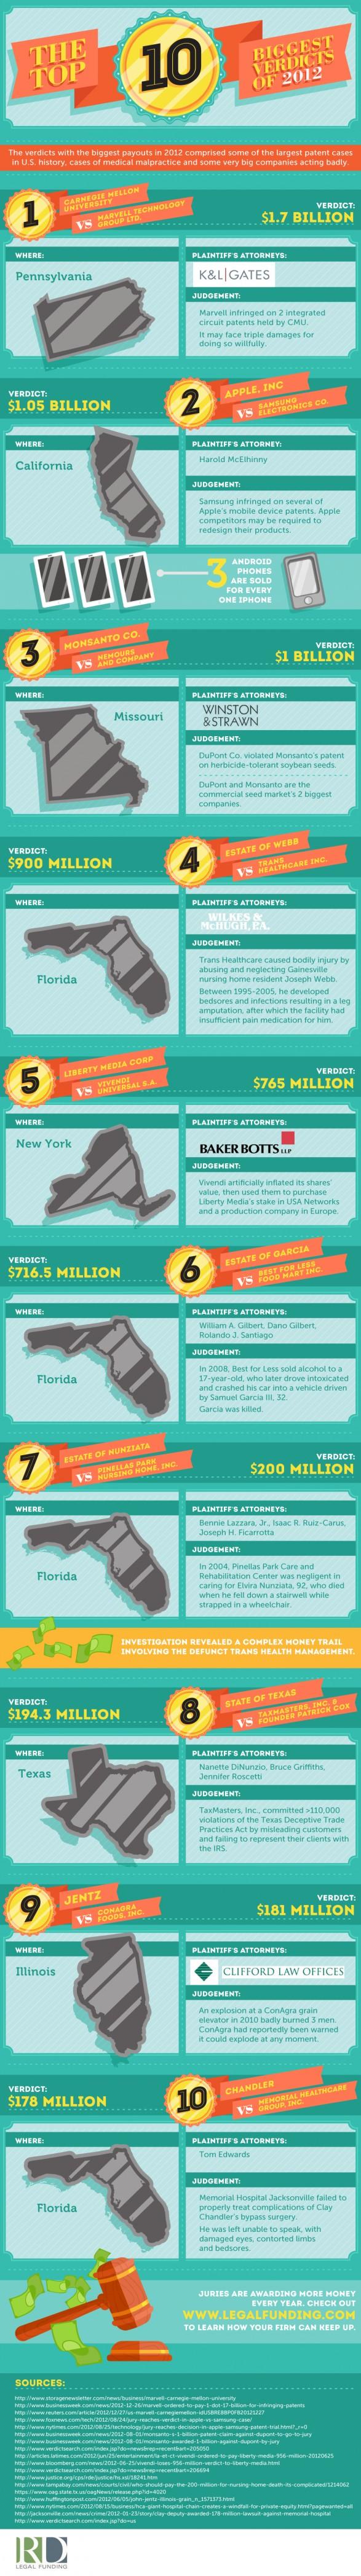 10 Biggest Verdicts of 2012